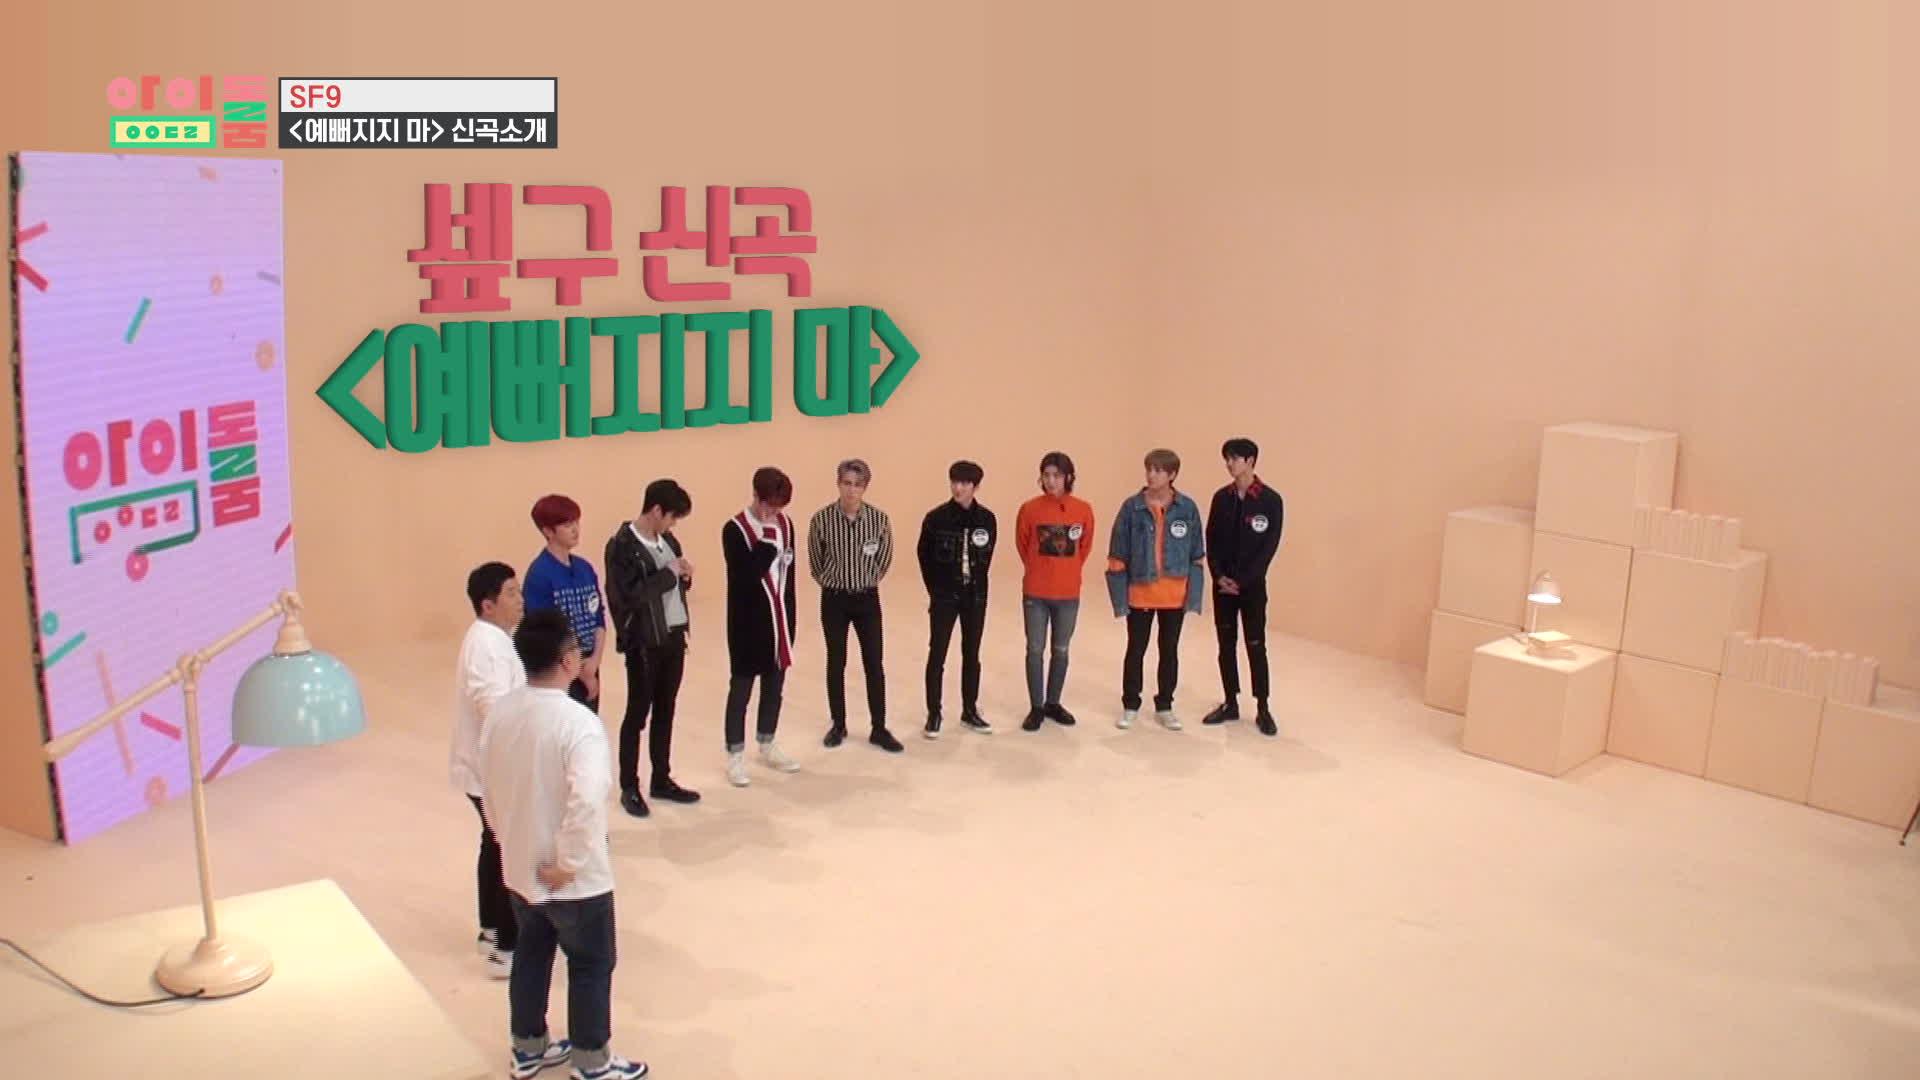 아이돌룸(IDOL ROOM) 40회 - SF9 신곡 <예뻐지지마> 나노댄스.mov